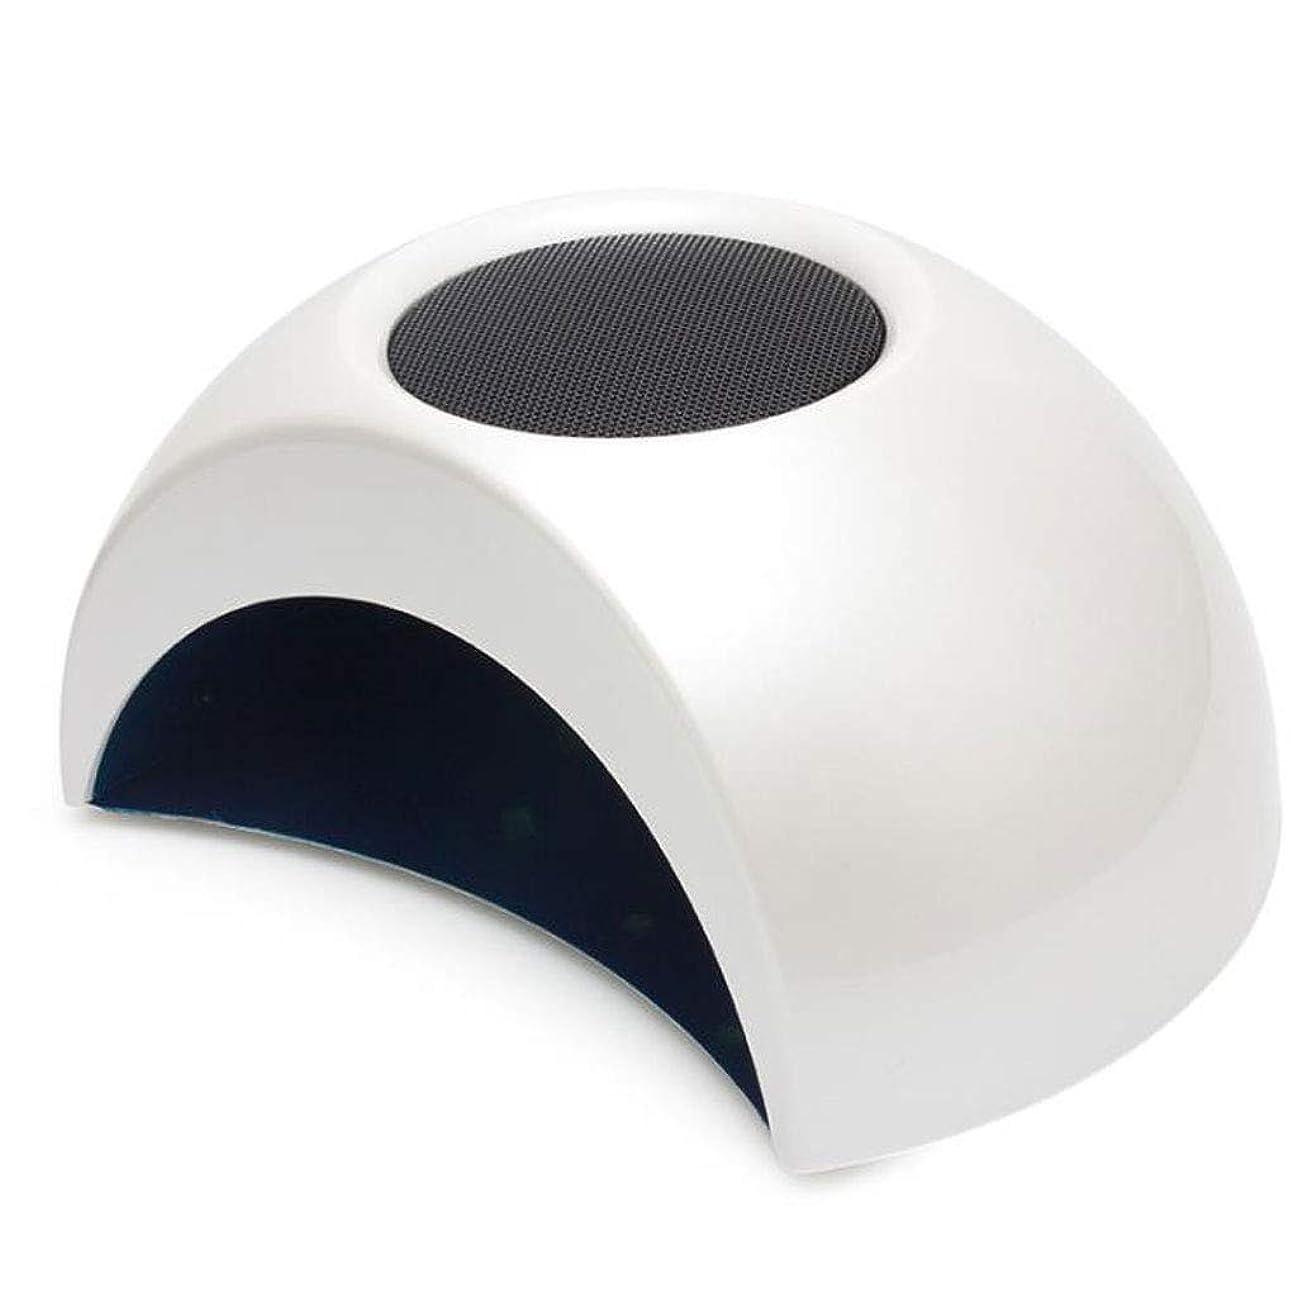 昇進うめきネイル光線療法機 ネイルドライヤー - ネイルライトプロフェッショナルネイルドライヤーLEDマシンファーストキュアジェル